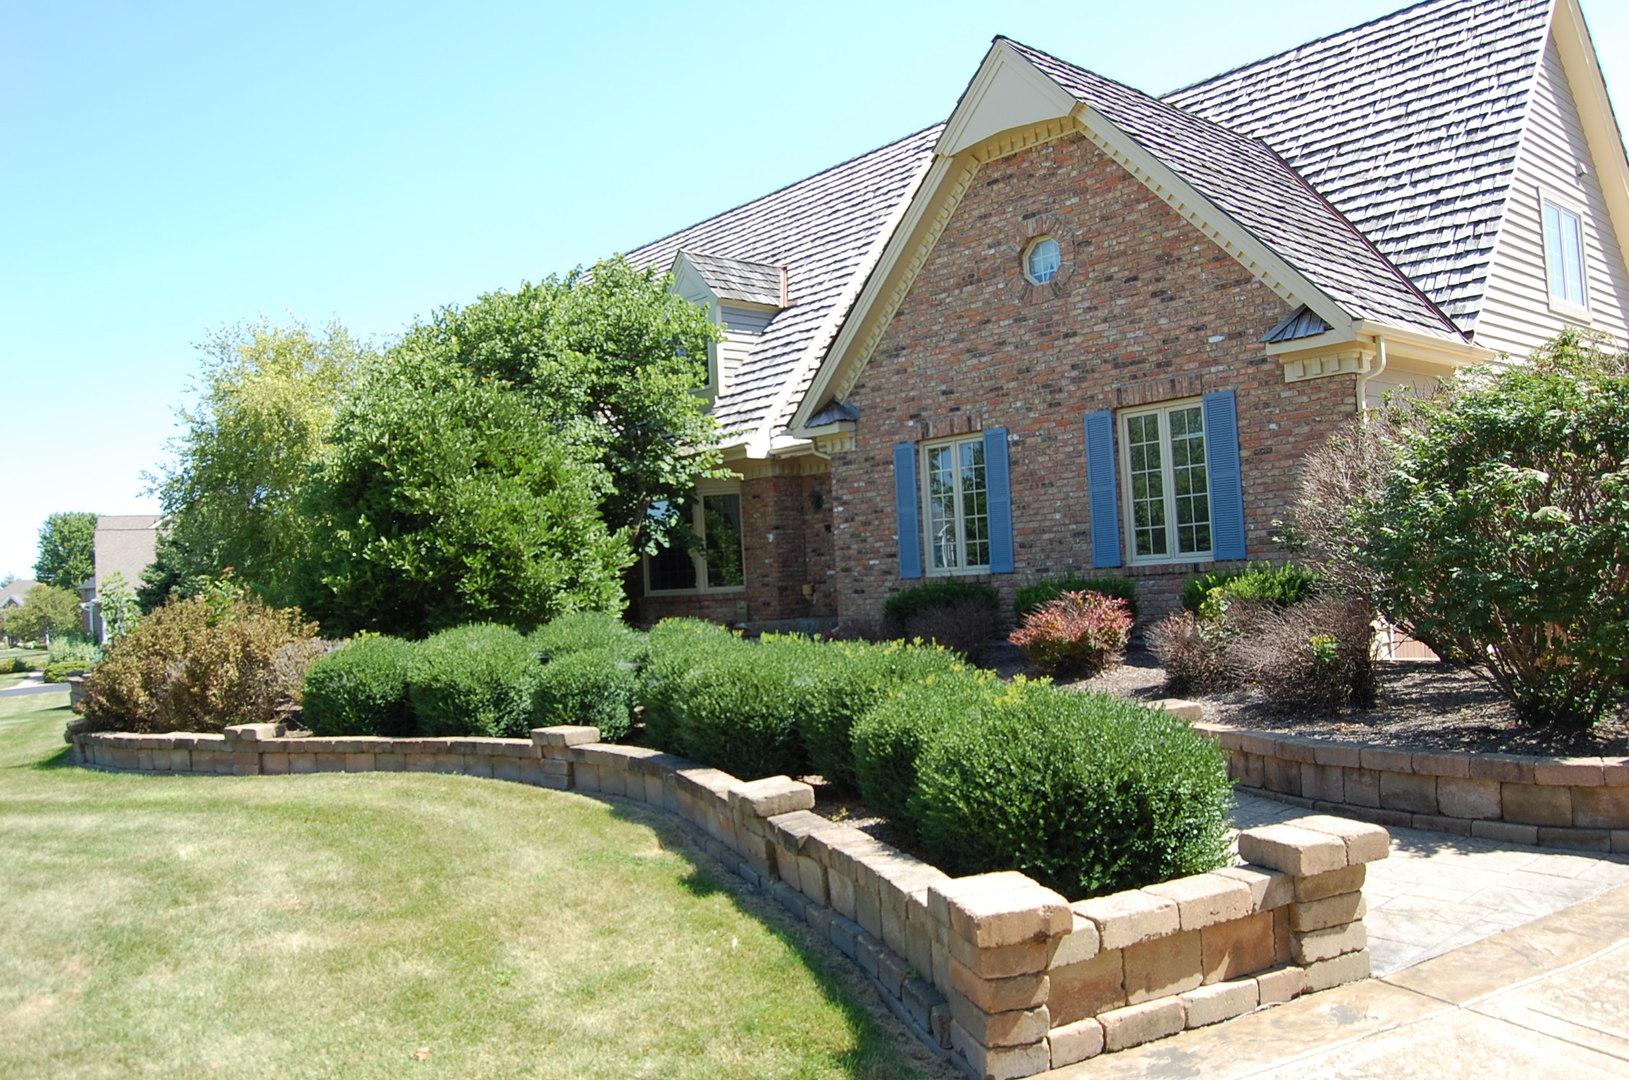 6N225 West Ridgewood, St. Charles, Illinois, 60175